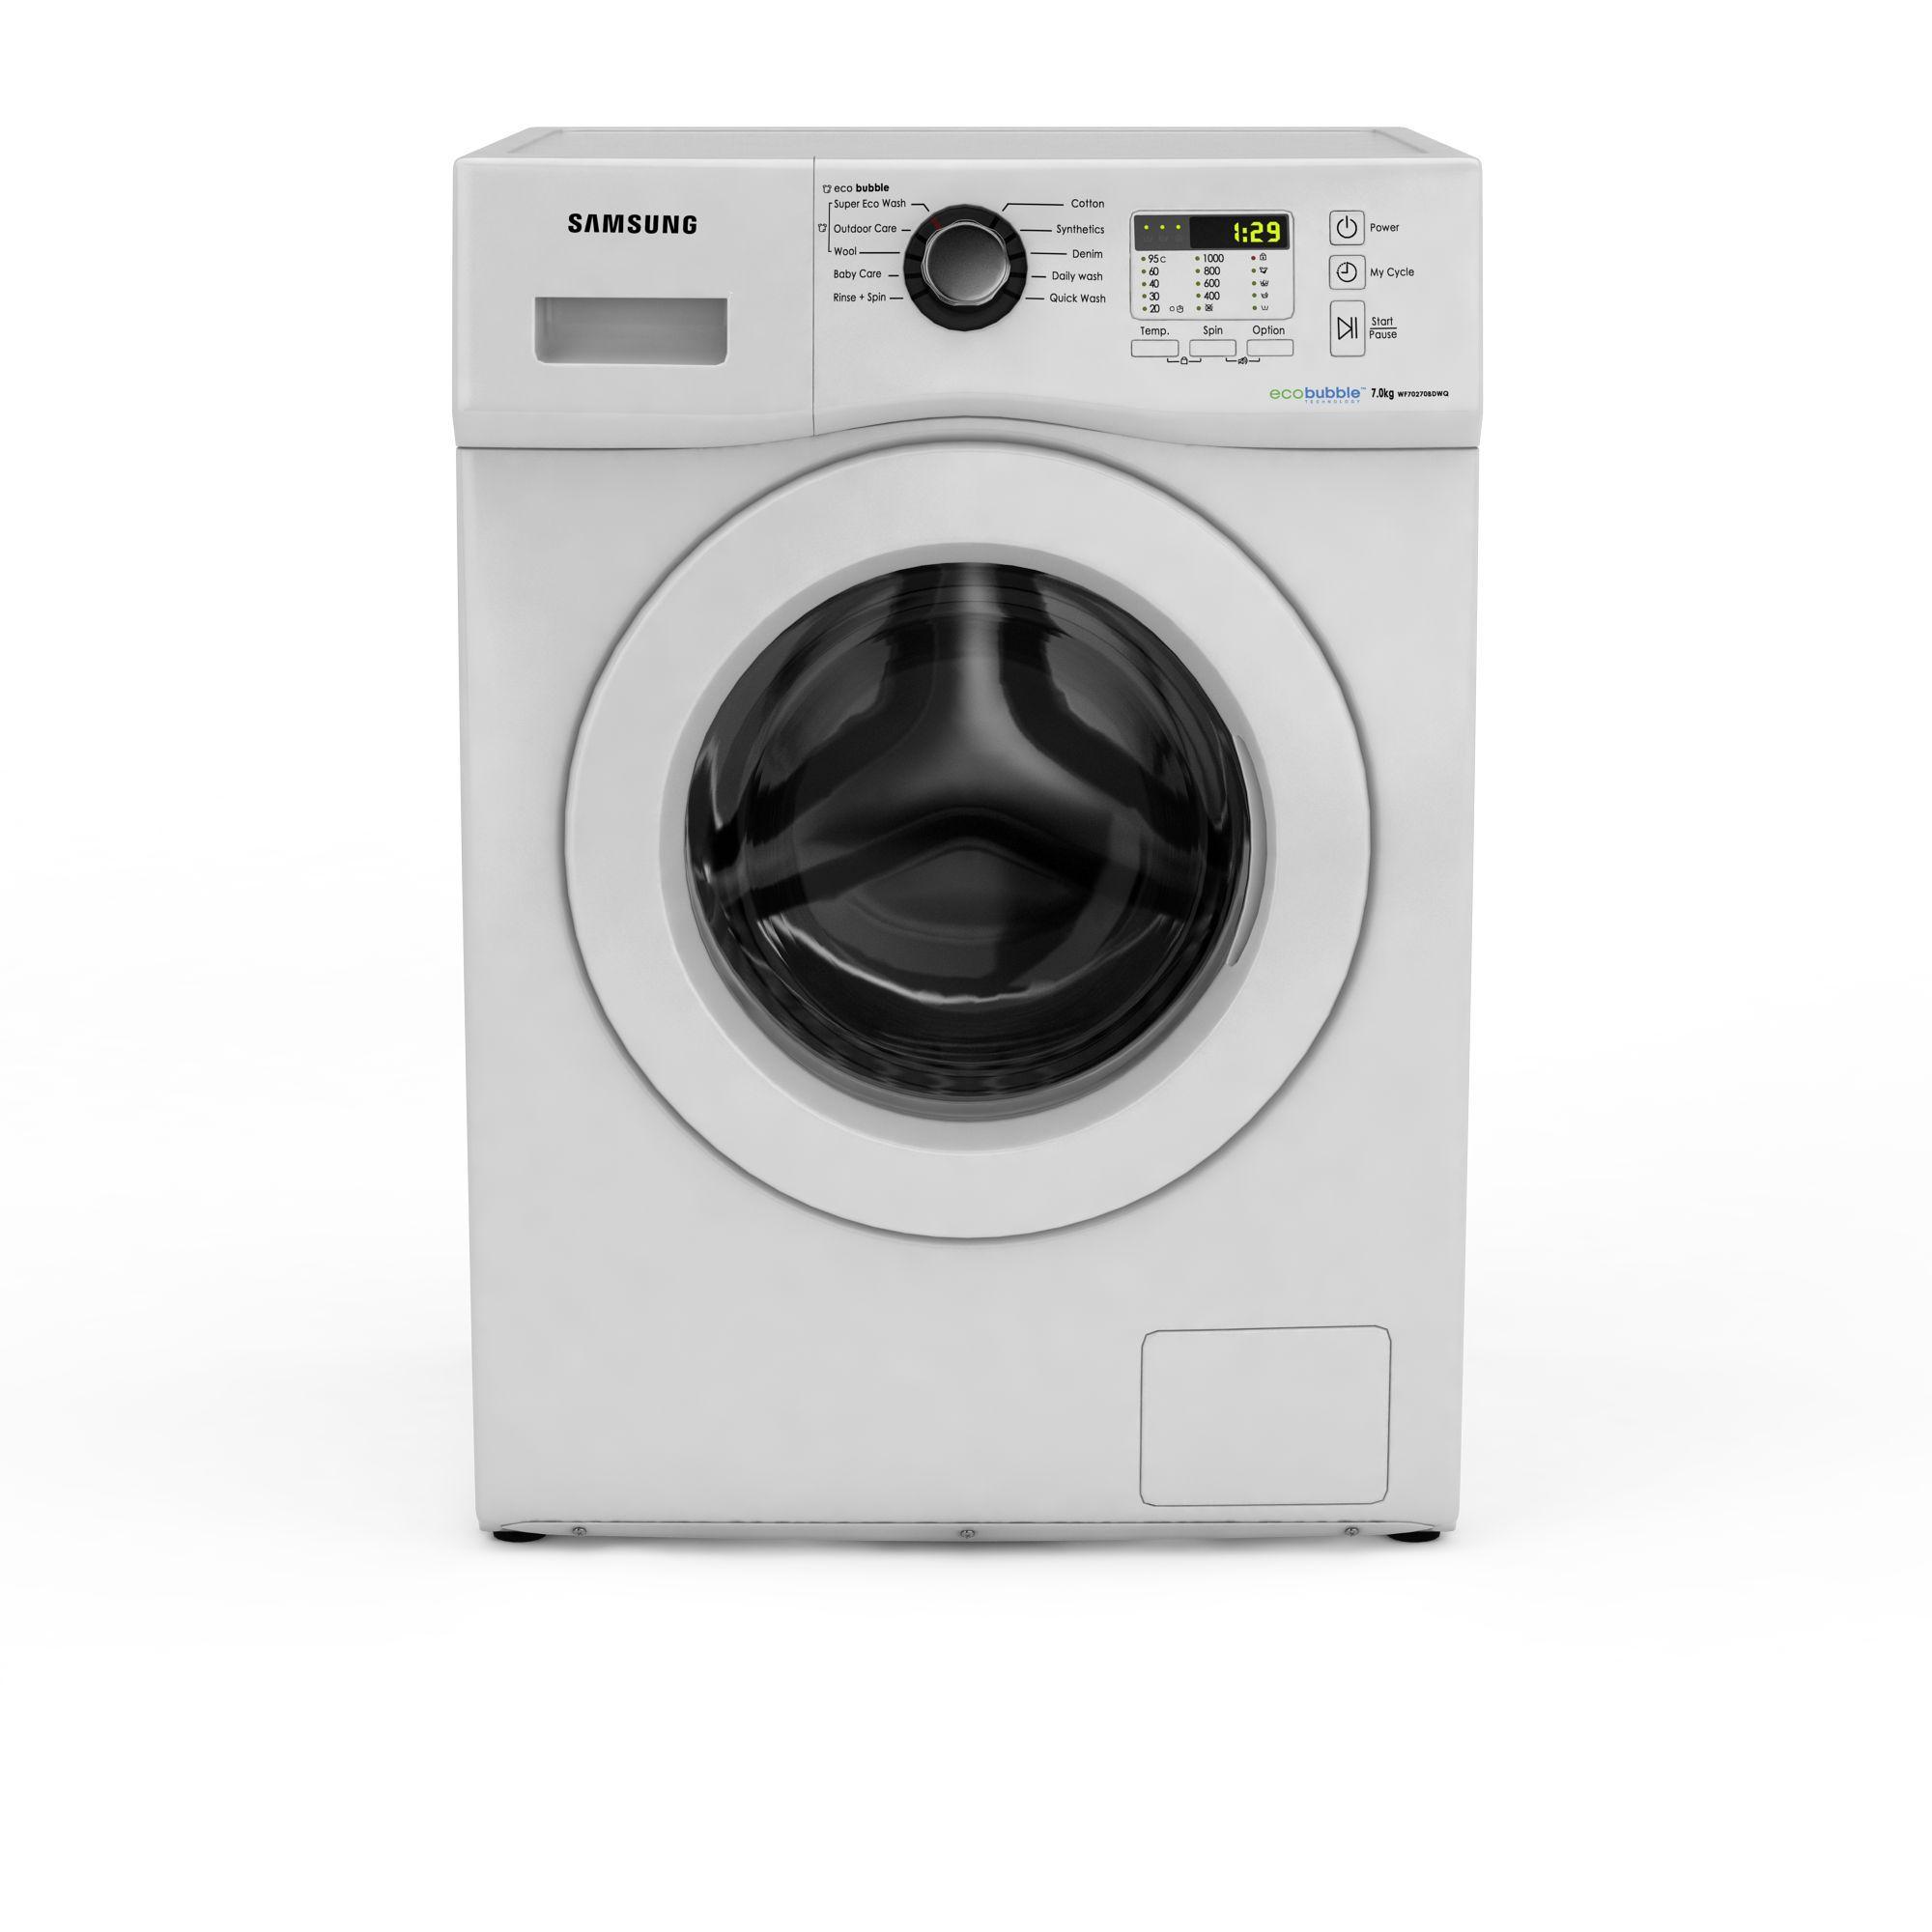 三星滚筒洗衣机高清图下载